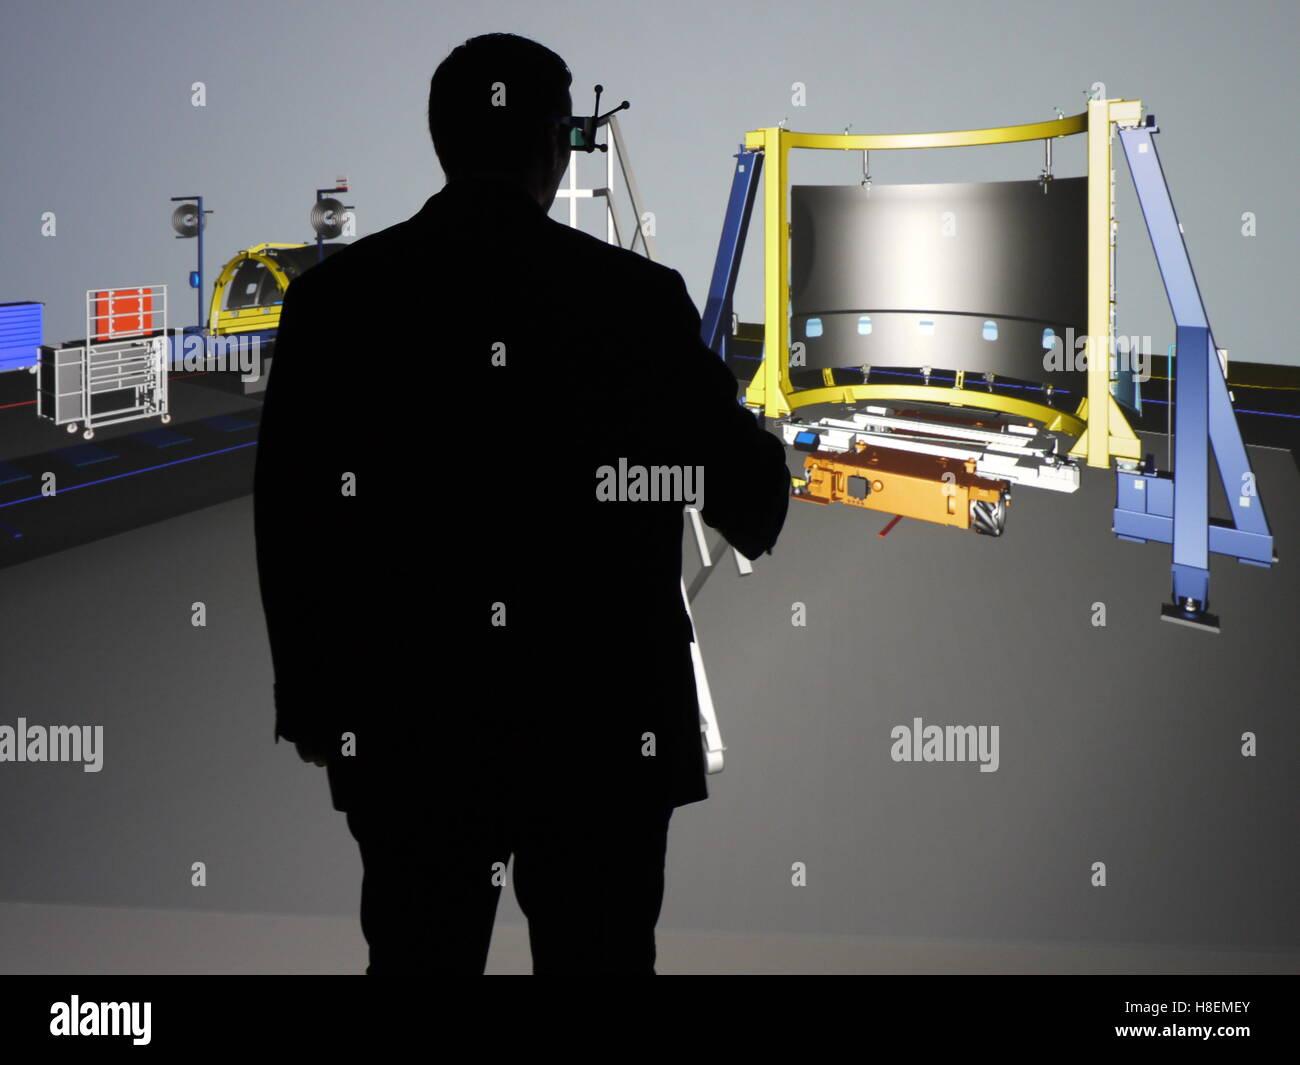 A3D La réalité virtuelle système de visualisation est utilisé pour organiser la production à Photo Stock